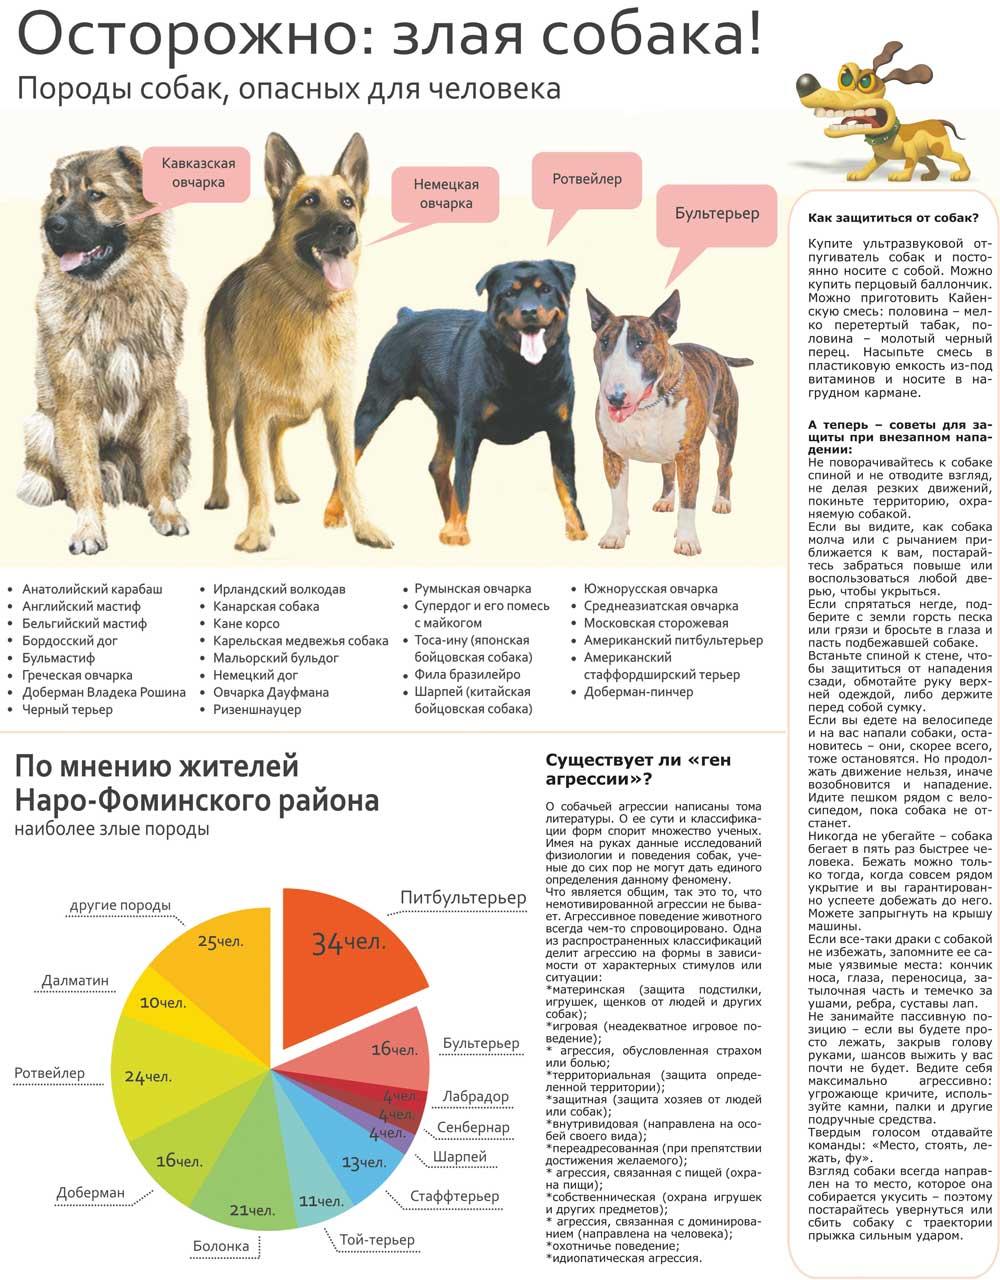 Топ-10 самых опасных пород собак в мире